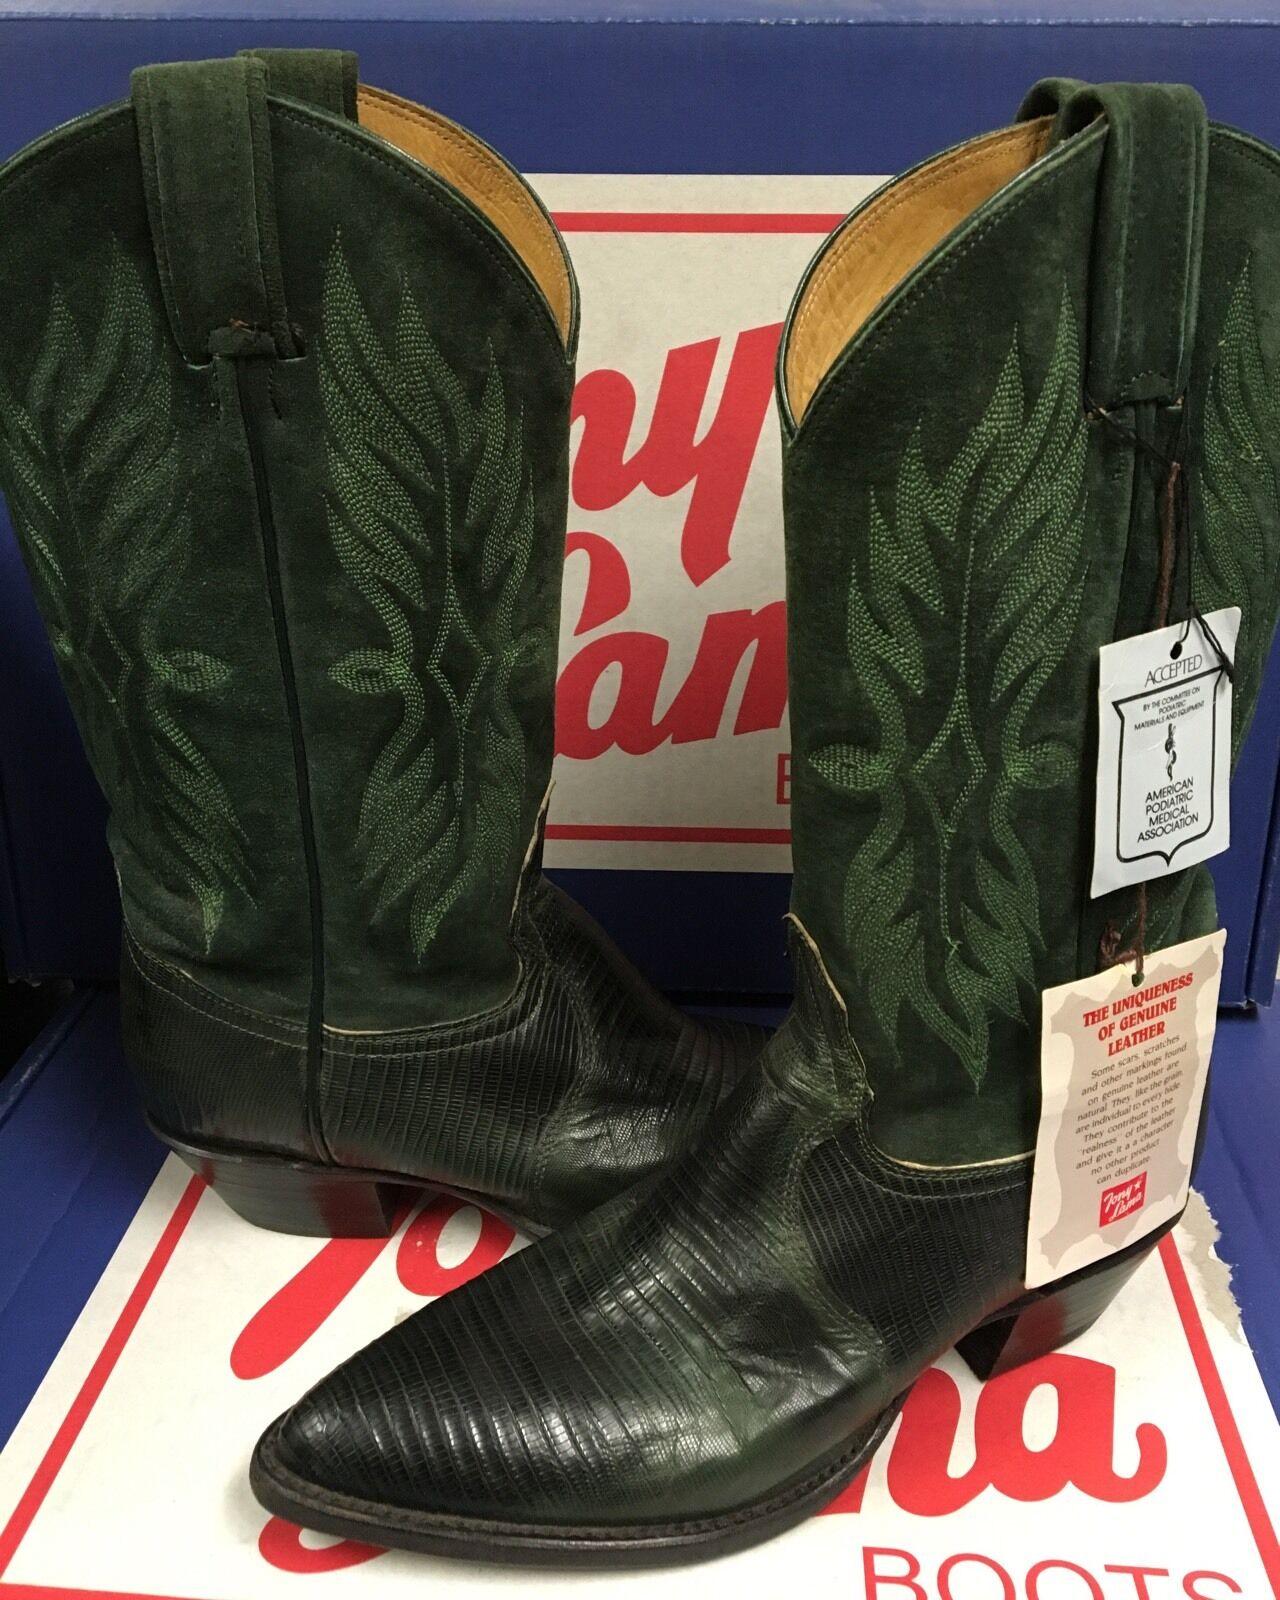 Tony Lama para mujeres verde Lagarto occidental de cuero cuero cuero botas 62012 tamaño 6 M Nuevo  Todos los productos obtienen hasta un 34% de descuento.